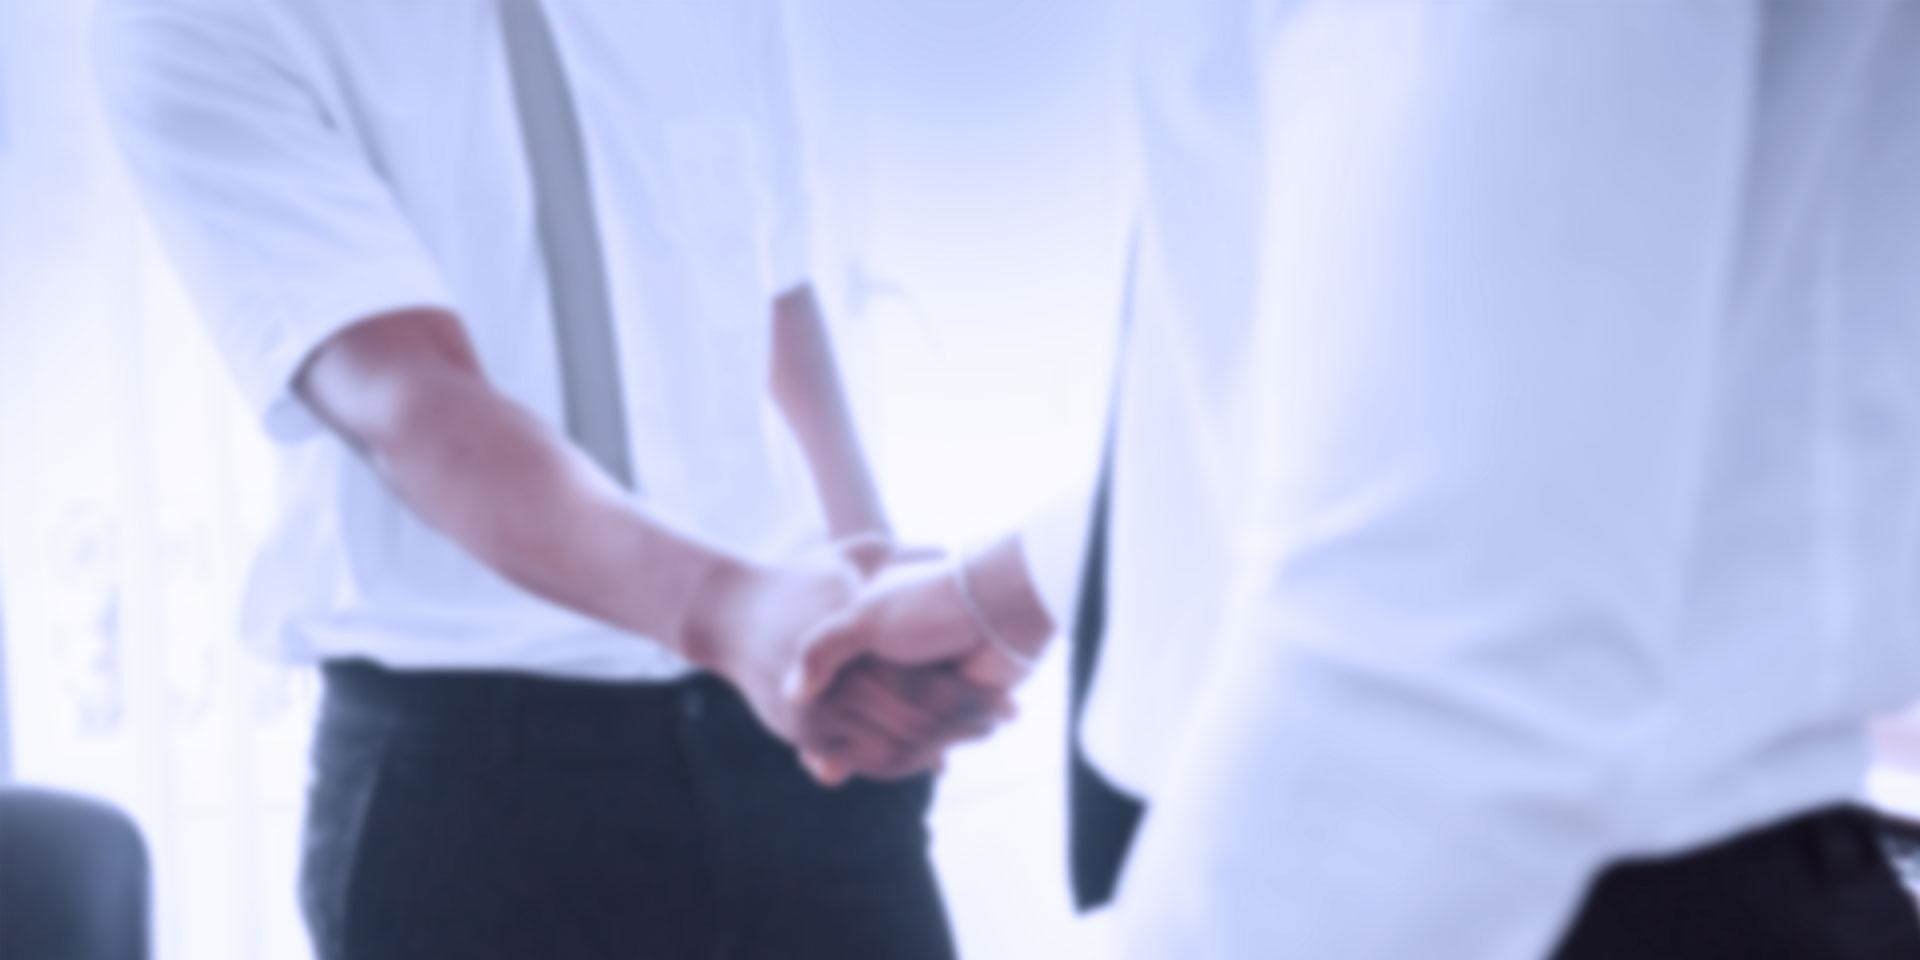 Wir verbinden Menschen. Durch Vertrauen.